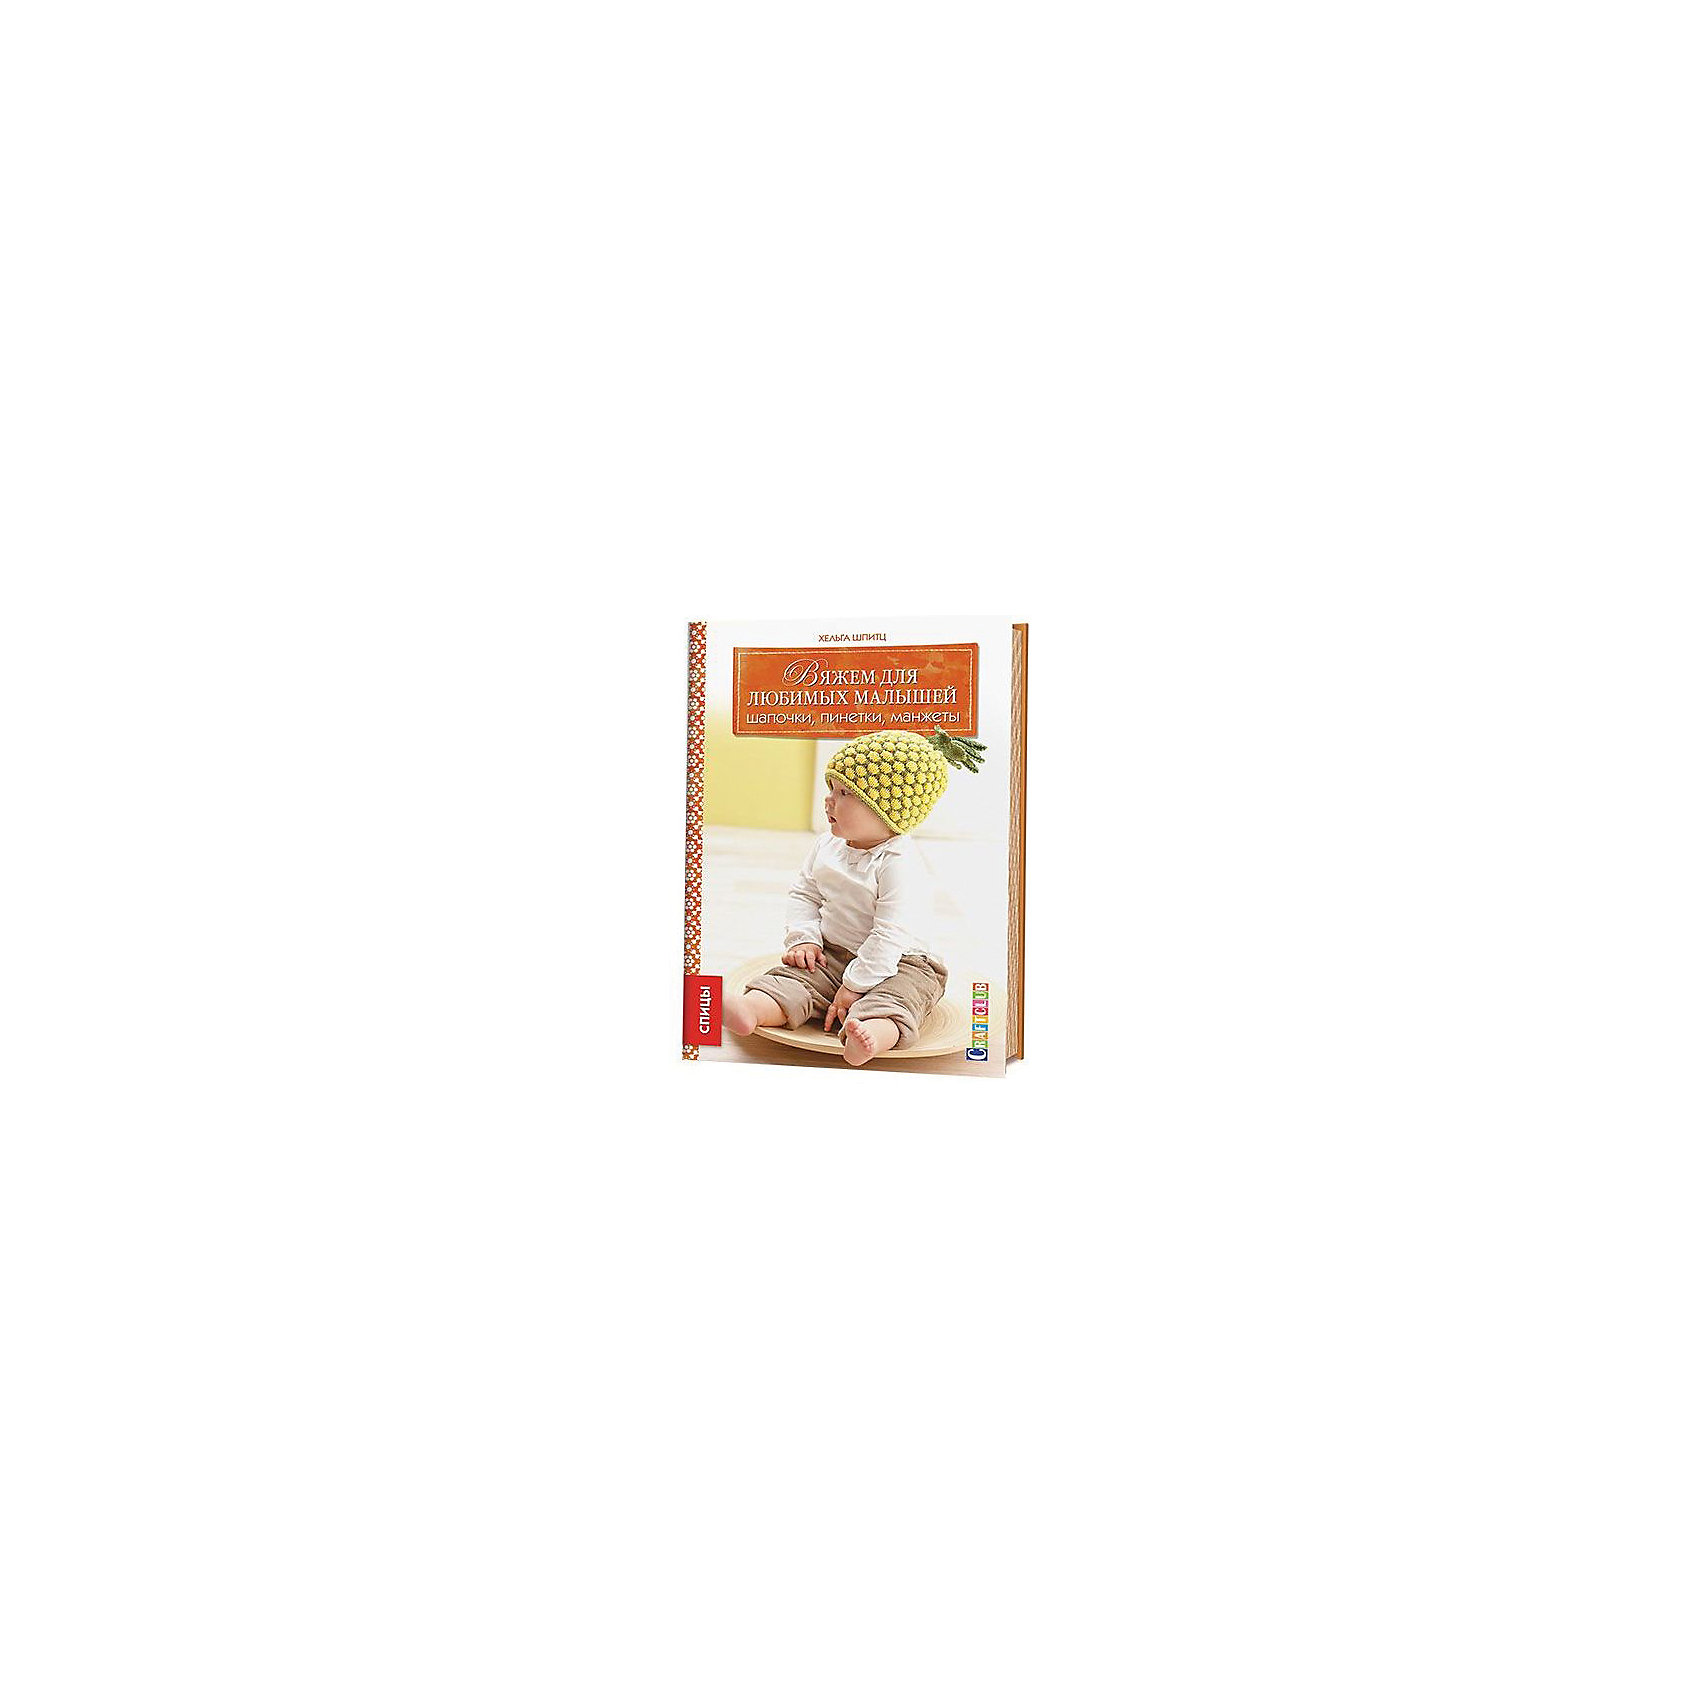 Издательство Контэнт Вяжем для любимых малышей шапочки,пинетки,манжеты.Спицы дебби блисс вяжем для малышей модные модели